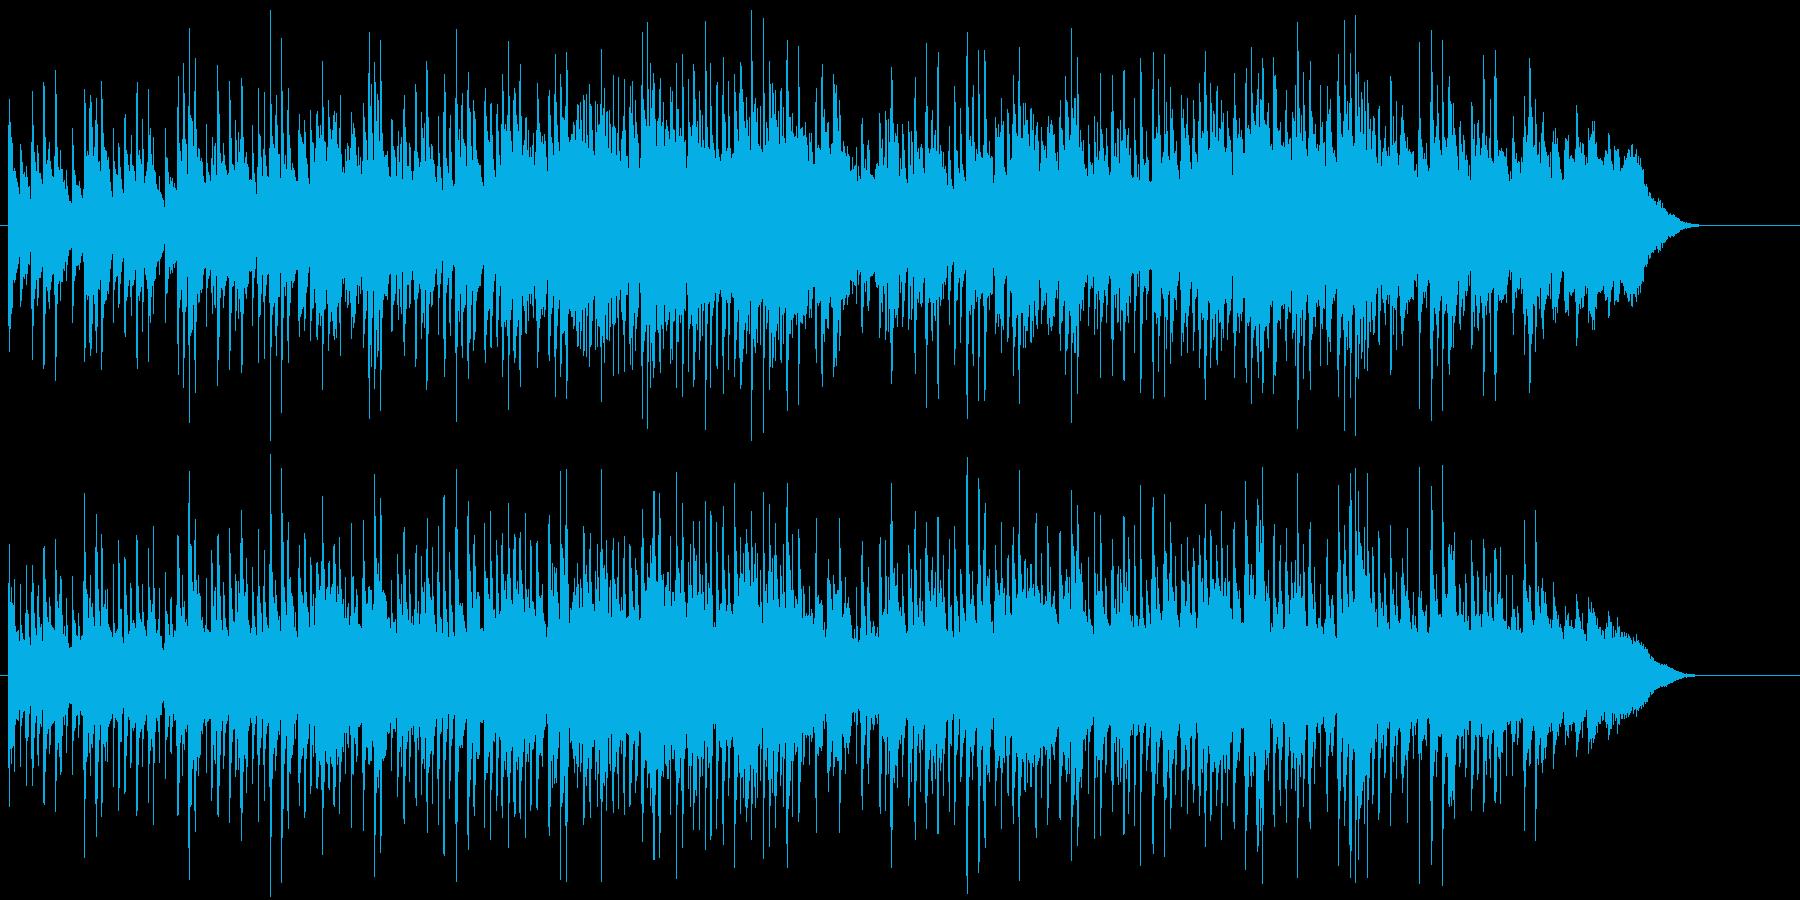 ヨーロピアンと東洋の優雅さをミックスの再生済みの波形